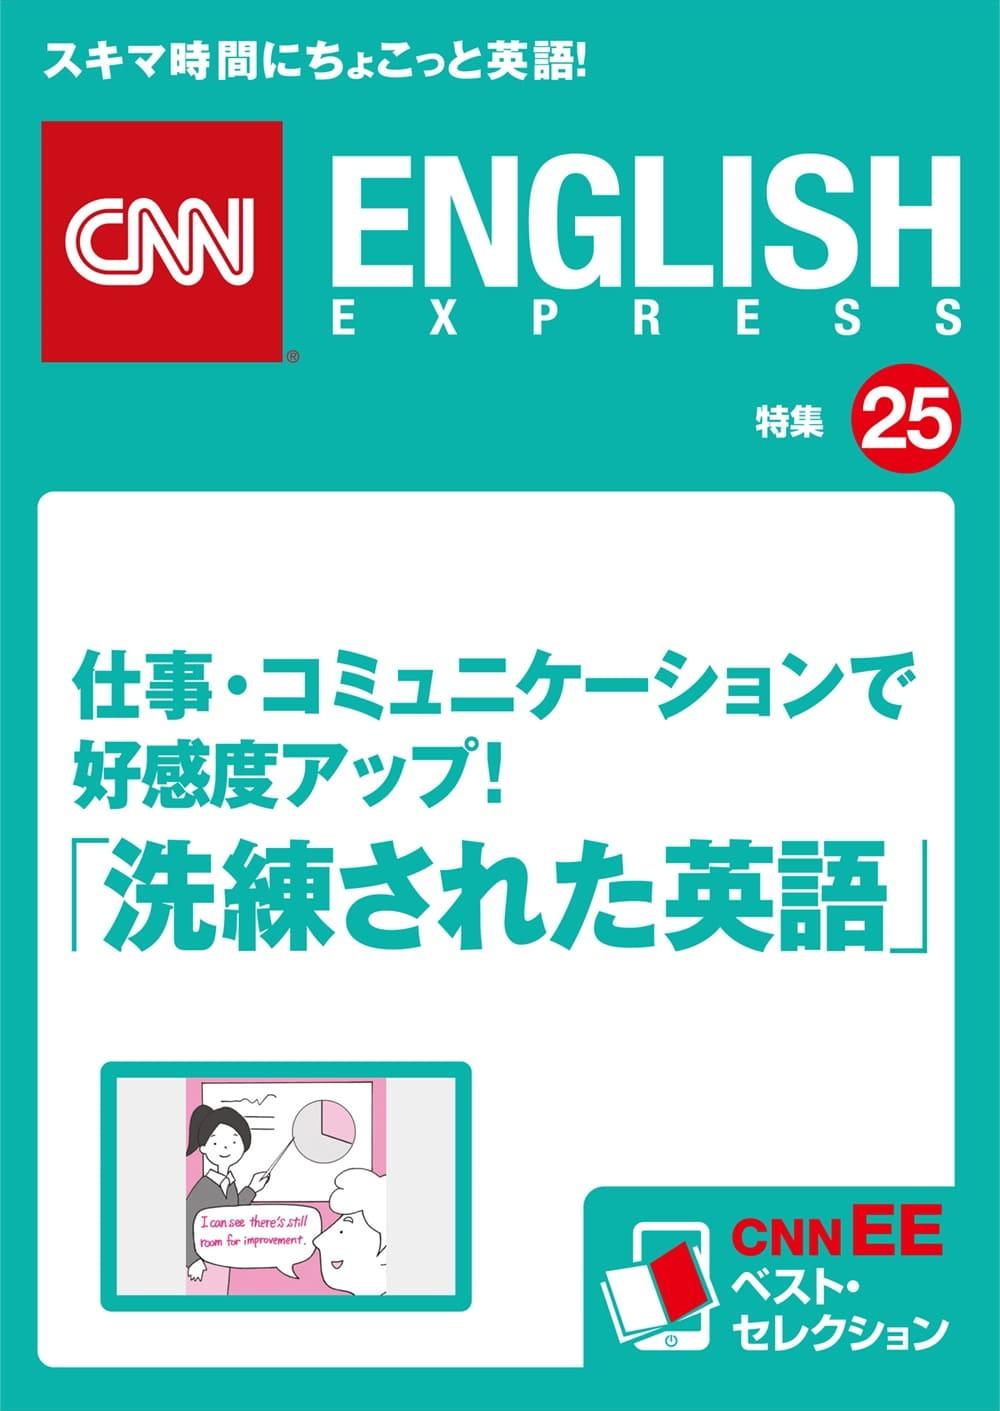 [音声DL付き]<br>仕事・コミュニケーションで好感度アップ!<br>「洗練された英語」<br>(CNNEE ベスト・セレクション 特集25)